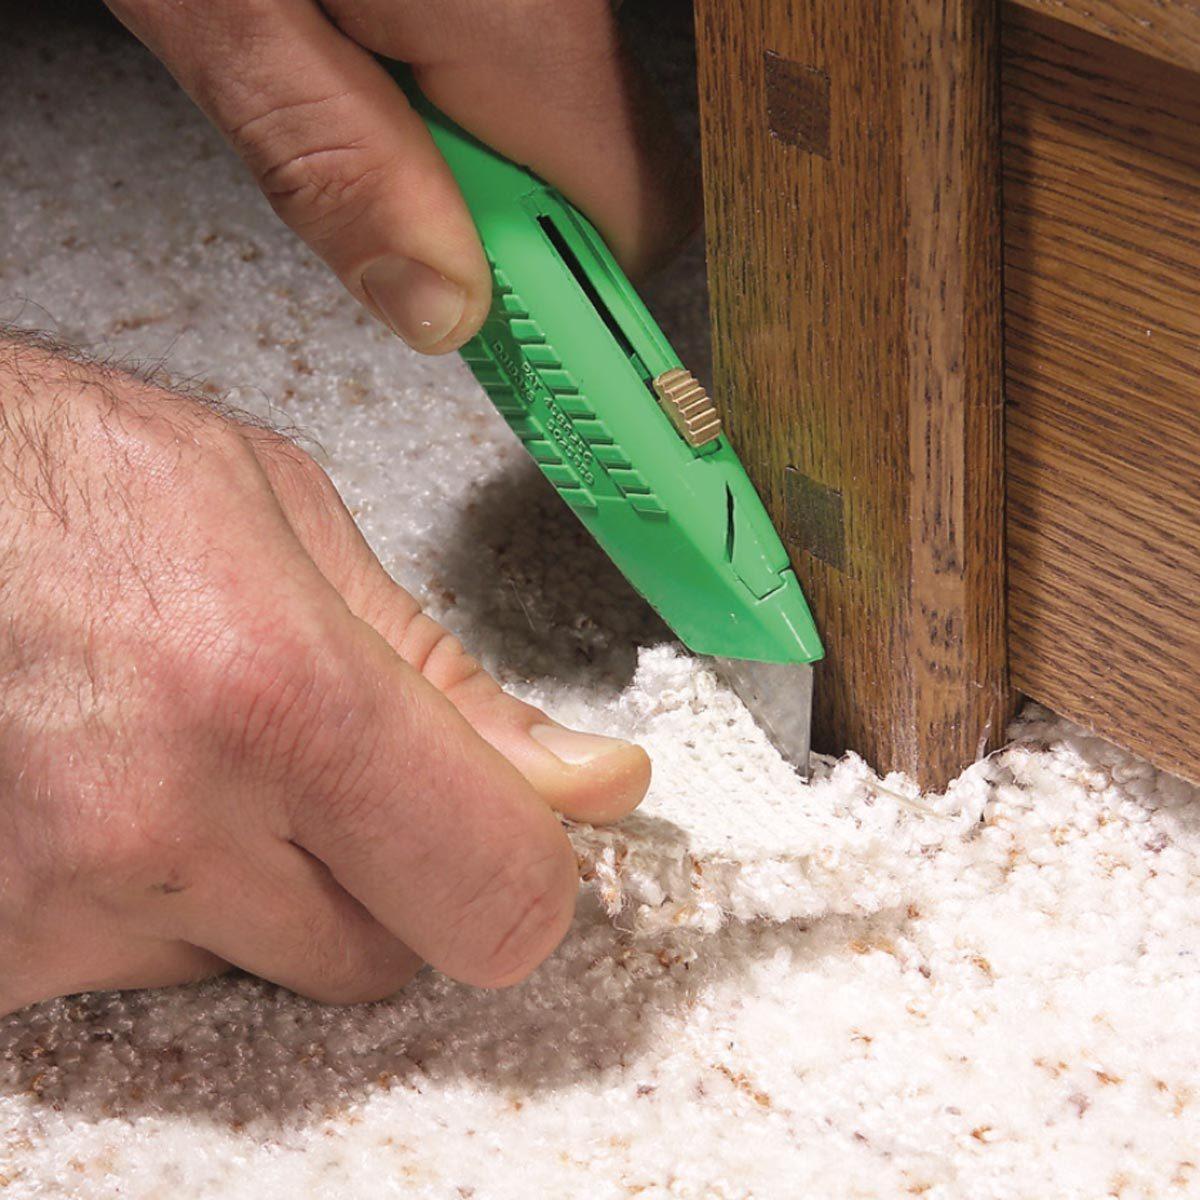 cutting carpet